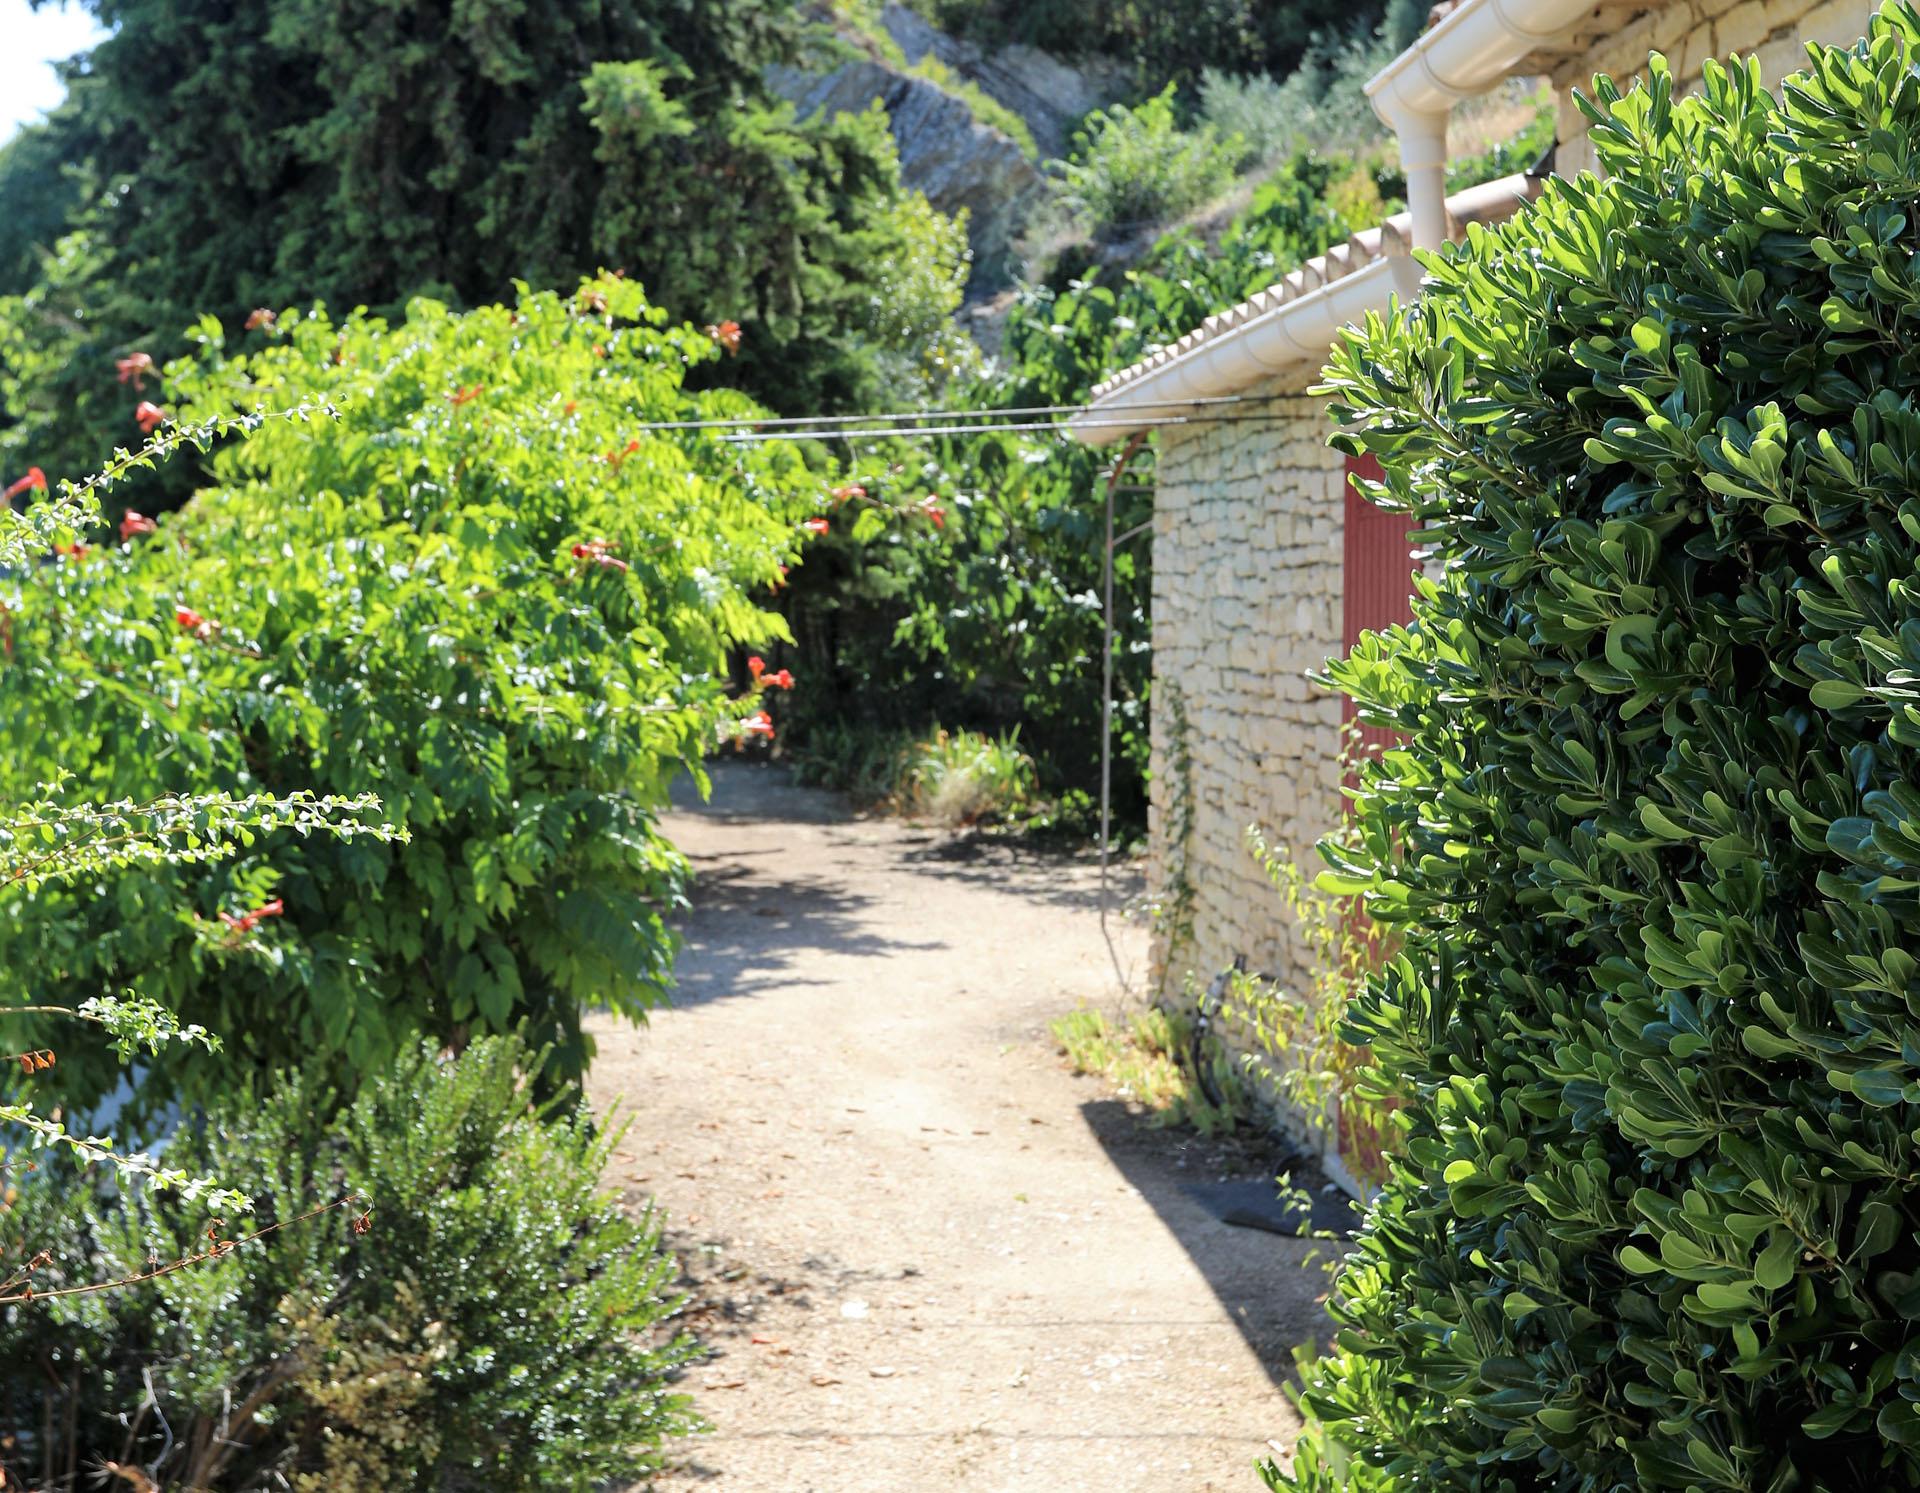 En vente en Luberon,  petite maison avec jardin en bordure de village